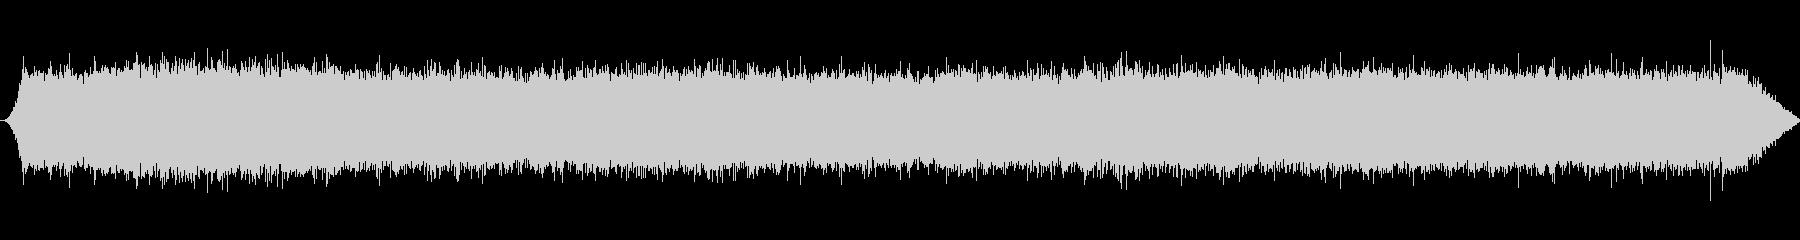 ナイアガラの滝:重い、滝の後ろからの未再生の波形